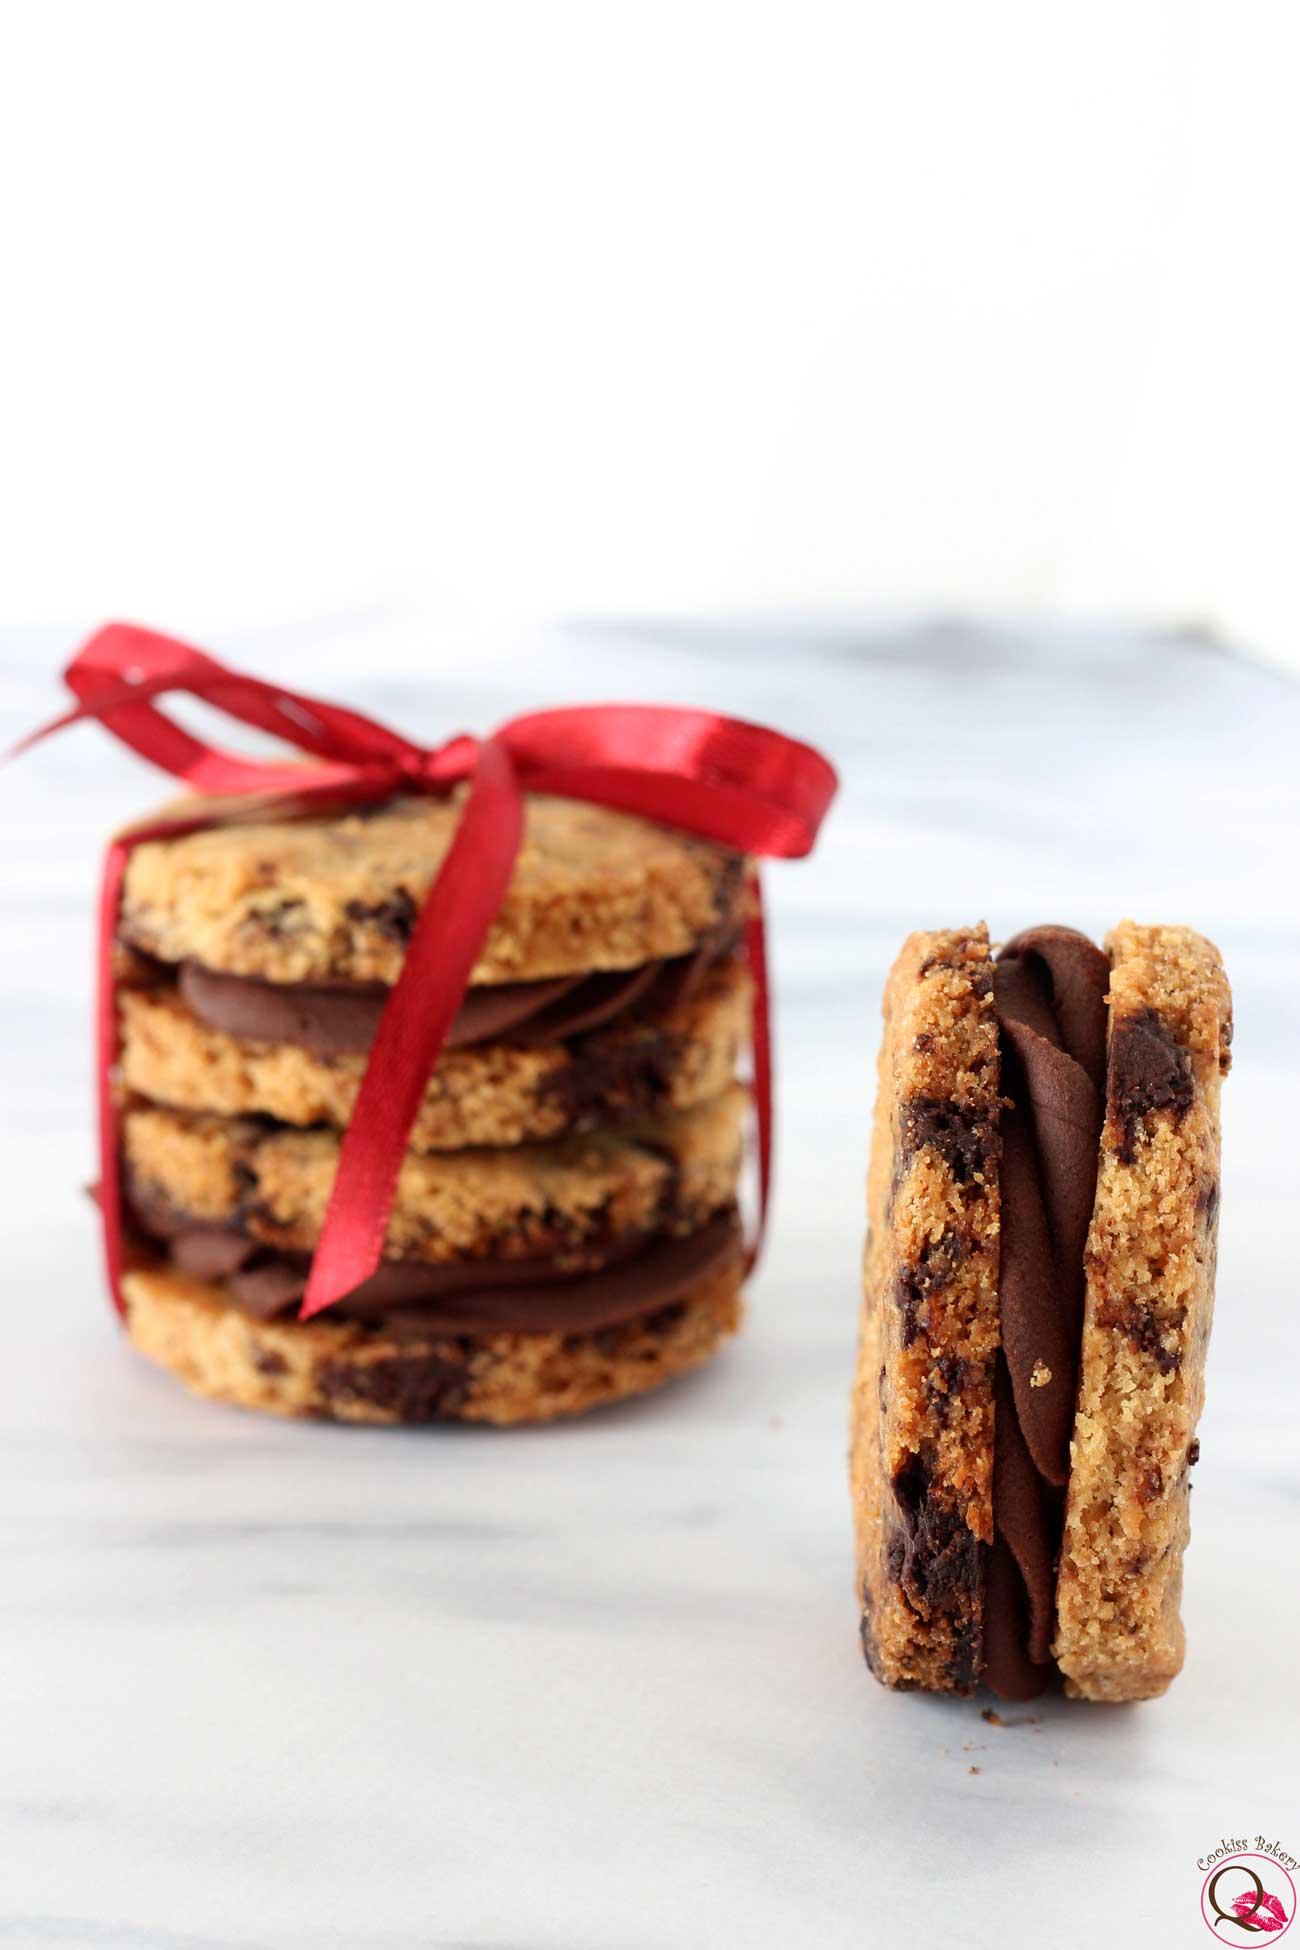 biscotto al burro con crema al cioccolato fondente regalo